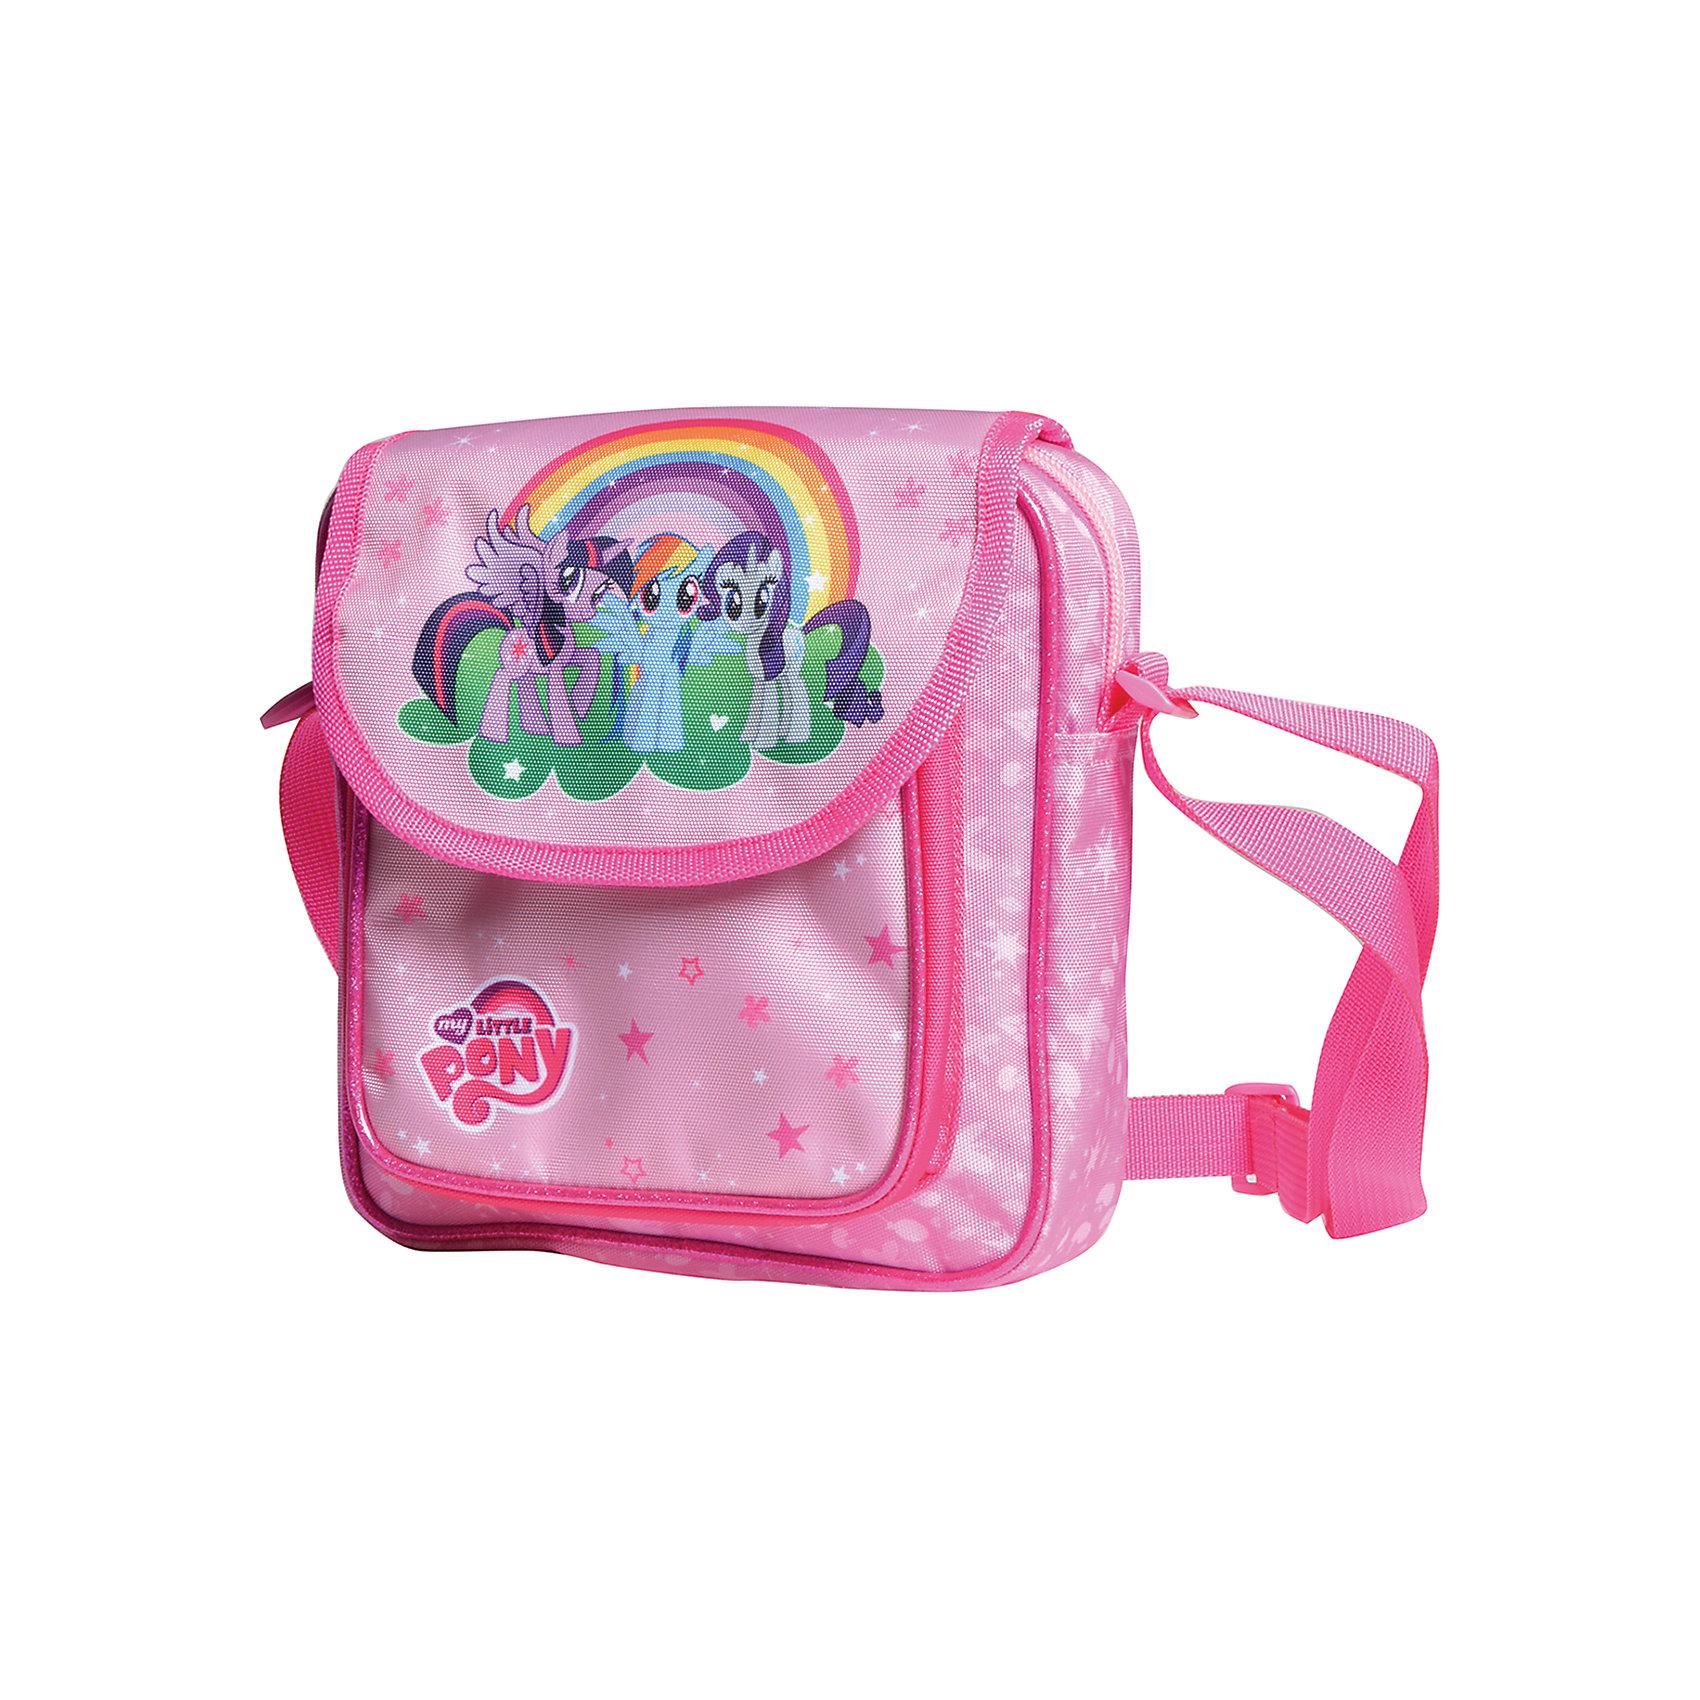 Сумка-мини Мой маленький пониСумка-мини Мой маленький пони - комфортная и стильная сумочка, которая непременно понравится маленькой моднице. Сумка прямоугольной формы выполнена в красивой розовой расцветке и украшена изображением очаровательных лошадок из популярного мультсериала My Little Pony. Сумочка застегивается на молнию, внутри одно просторное отделение. На лицевой стороне расположен большой накладной карман на молнии. Для ношения через плечо предусмотрен широкий регулируемый ремешок.  <br><br>Дополнительная информация:<br><br>- Материал: полиэстер.<br>- Размер: 20 х 20 х 5 см.<br>- Вес: 0,21 кг.<br><br>Сумку-мини Мой маленький пони, Proff, можно купить в нашем интернет-магазине.<br><br>Ширина мм: 230<br>Глубина мм: 40<br>Высота мм: 230<br>Вес г: 210<br>Возраст от месяцев: 60<br>Возраст до месяцев: 84<br>Пол: Женский<br>Возраст: Детский<br>SKU: 4601815